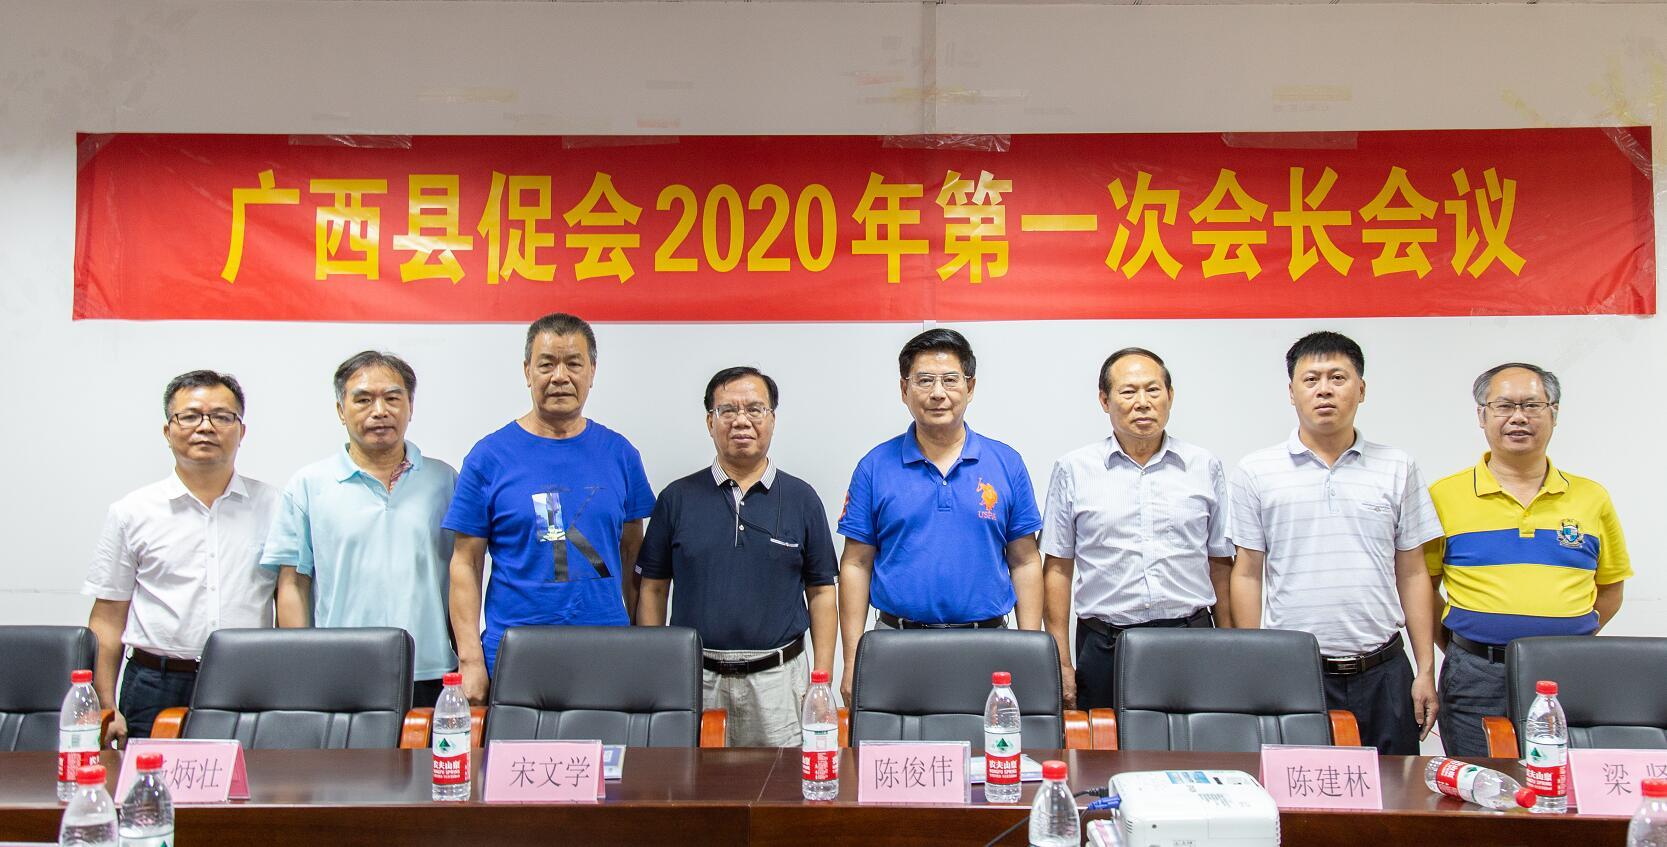 广西县促会2020年第一次会长会议召开 选举罗福坚为秘书长候选人